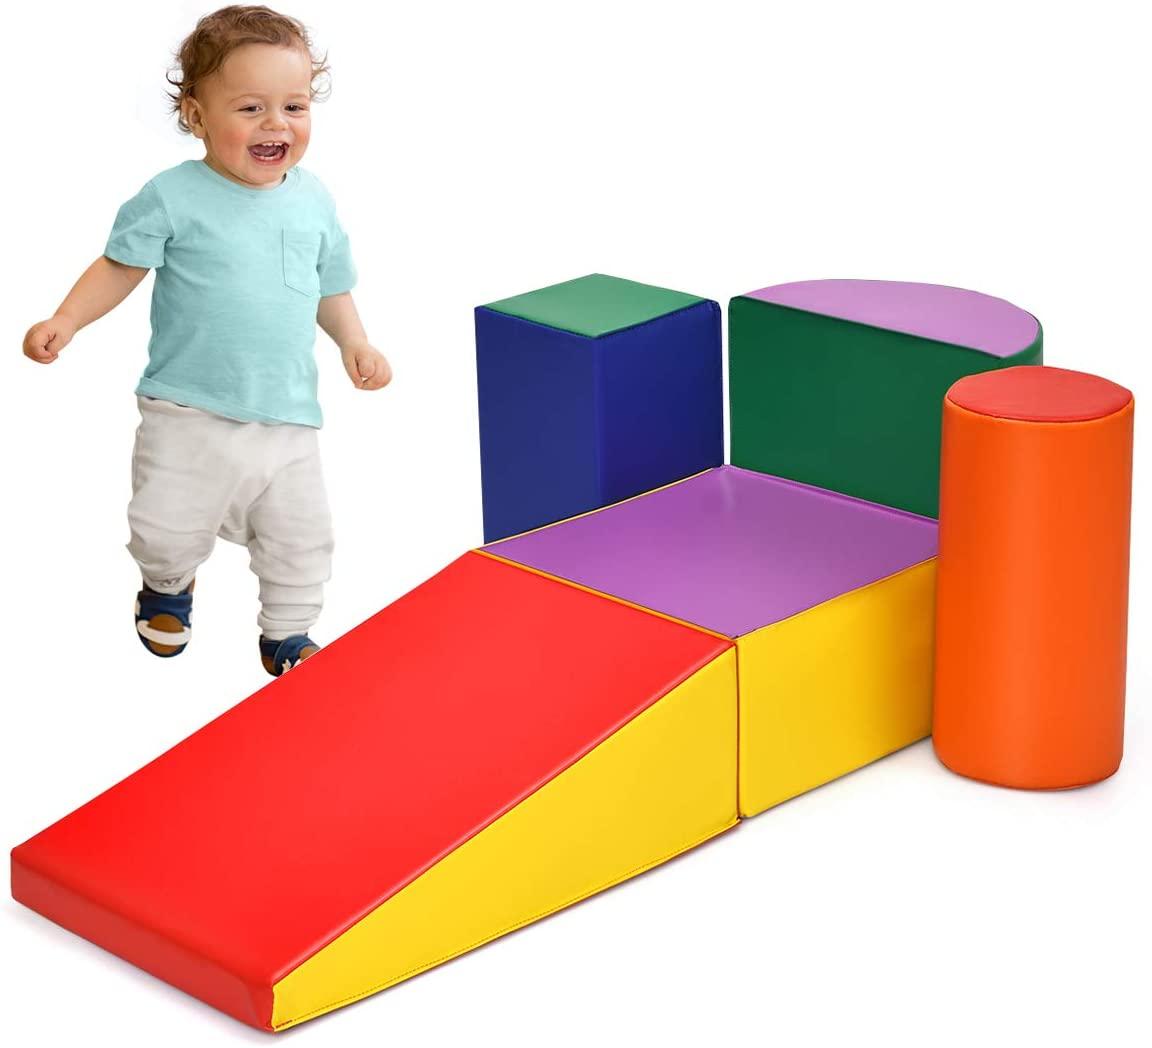 세이프플러스 클라임 및 크롤링 소프트 폼 플레이 세트 등반 크롤링 및 슬라이딩을위한 가볍고 안전한 폼 블록 유아 미취학 아동 어린이 어린이를위한 실내 등반 장난감 5 피스